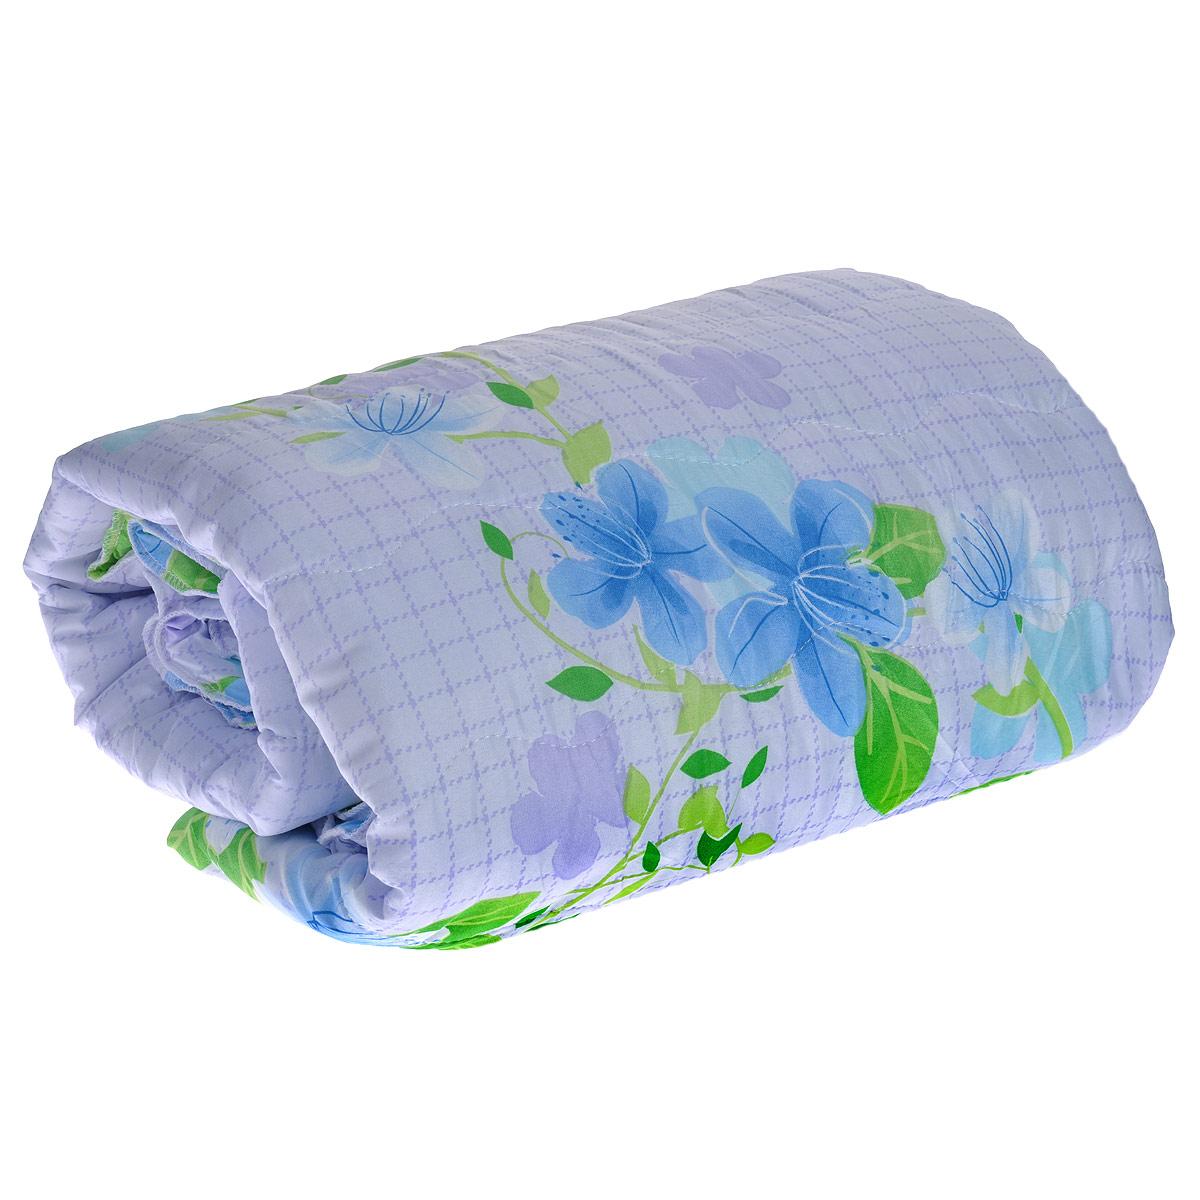 Одеяло Мечта, наполнитель: термофайбер, 175 х 205 см, в ассортиментеМ-172-205Чехол одеяла Мечта выполнен из полиэстера, наполнитель - синтетический утеплитель термофайбер. Термофайбер - это синтетический утеплитель с полыми волокнами. Благодаря таким волокнам, термофайбер хорошо держит тепло. Он прекрасно держит форму и не слеживается. Термофайбер обладает оптимальным сочетанием теплозащитных и вентилирующих свойств, высокой объемностью при более низкой поверхностной плотности, устойчивостью к многократному сжатию. Одеяло Мечта - достойный выбор современной хозяйки! Рекомендации по уходу: - Стирка запрещена, - Нельзя отбеливать. При стирке не использовать средства, содержащие отбеливатели (хлор), - Не гладить. Не применять обработку паром, - Химчистка всеми общепринятыми растворителями, - Нельзя выжимать и сушить в стиральной машине.